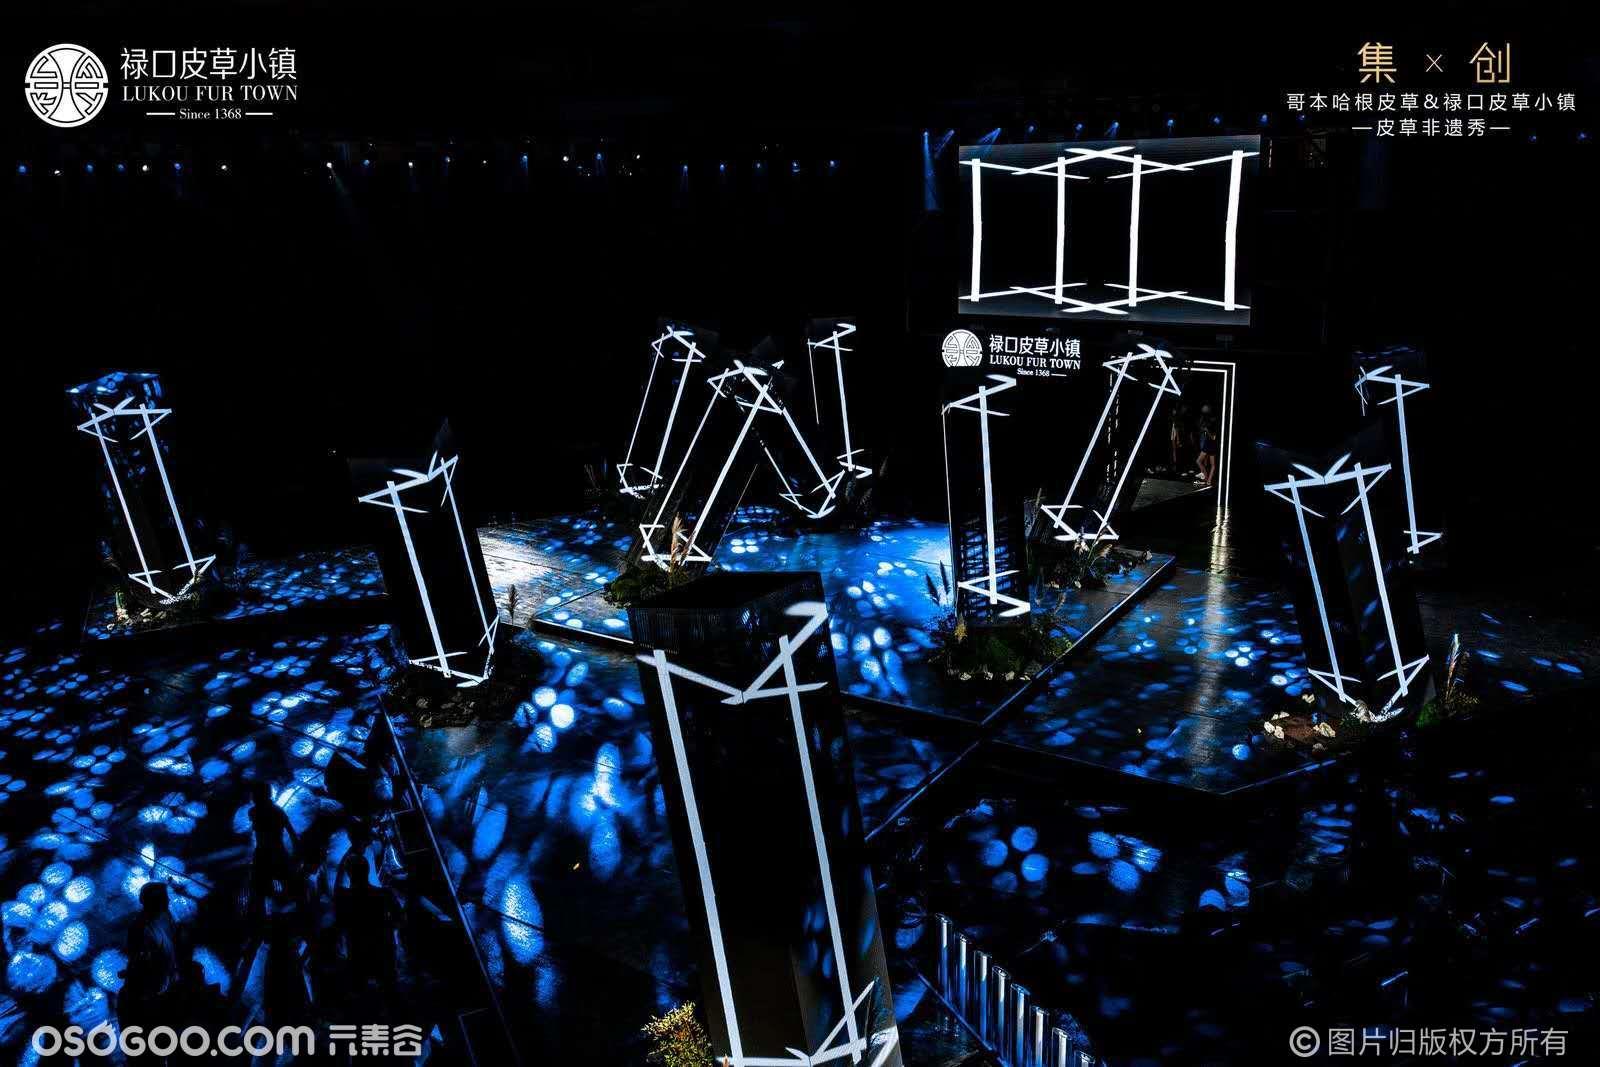 江浙沪|激光雕刻启动仪式|央企品牌战略发布会创意秀科技启动